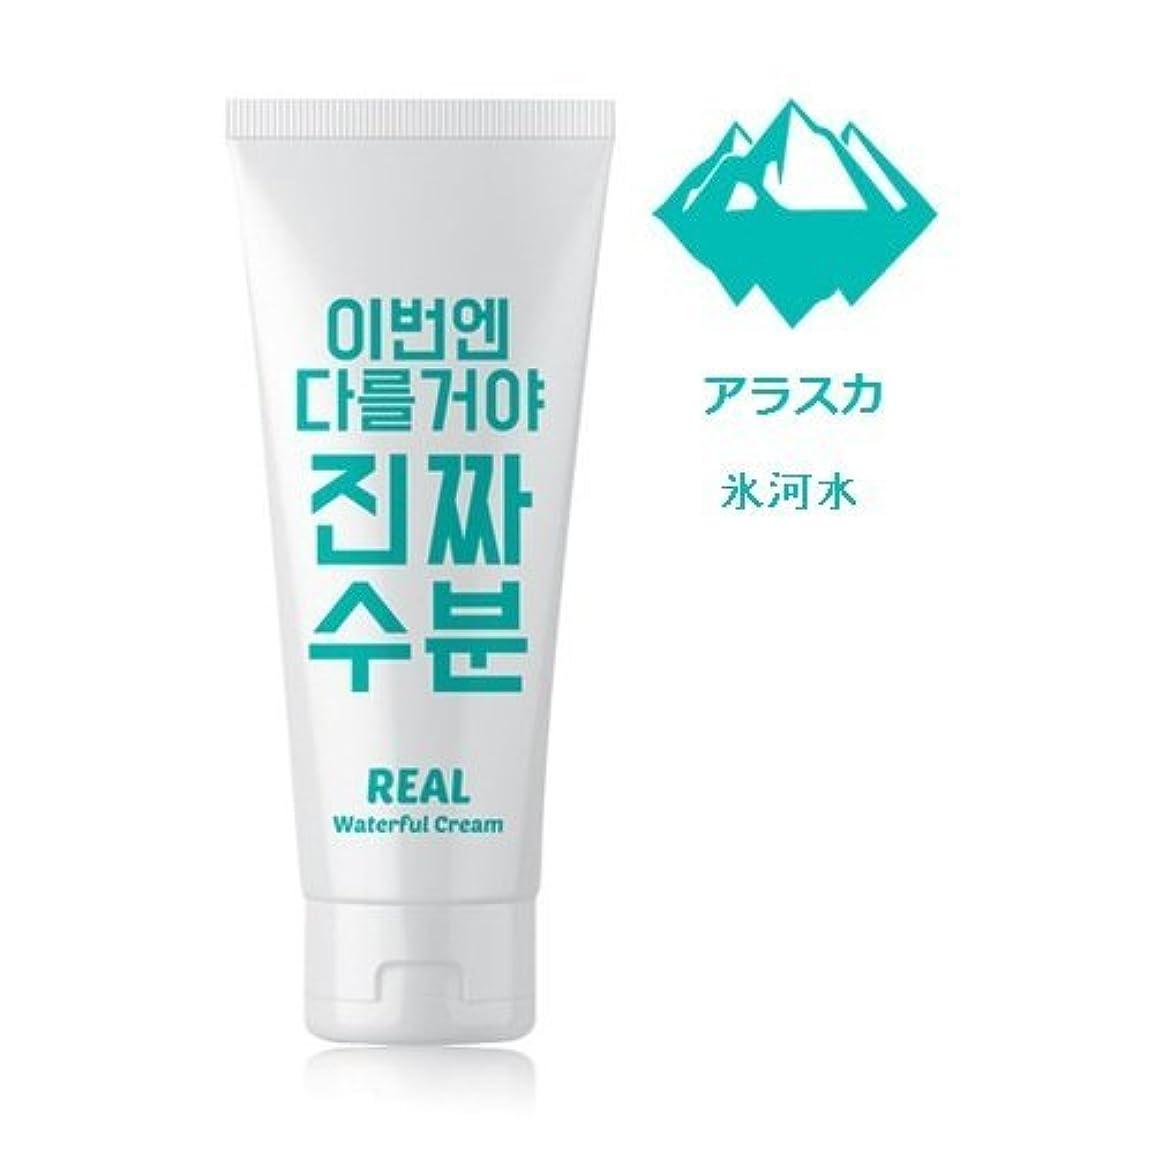 事務所捕虜まだ[1+1]Jaminkyung [FREE MARK] Real Waterful Cream 200g*2EA ジャミンギョン[フリーマーク]今度は違うぞ!! 本当の水分クリーム [並行輸入品]